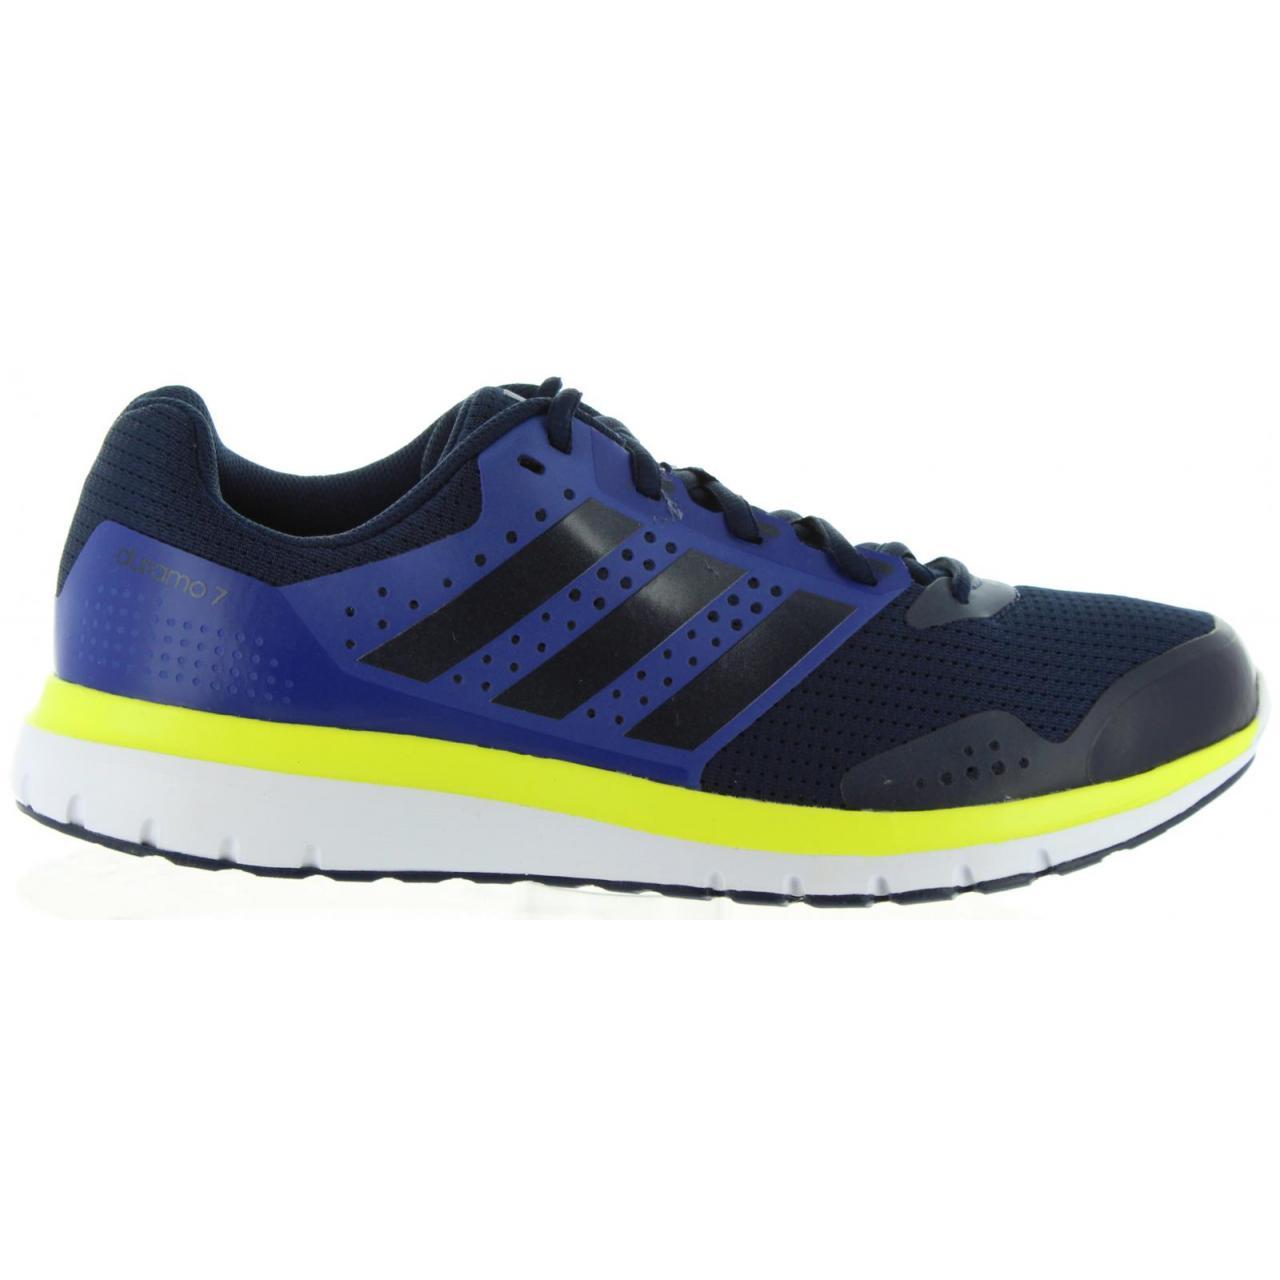 Adidas bežecké tenisky AF6664 DURAMO 7 M modré  91f92ac0b8a